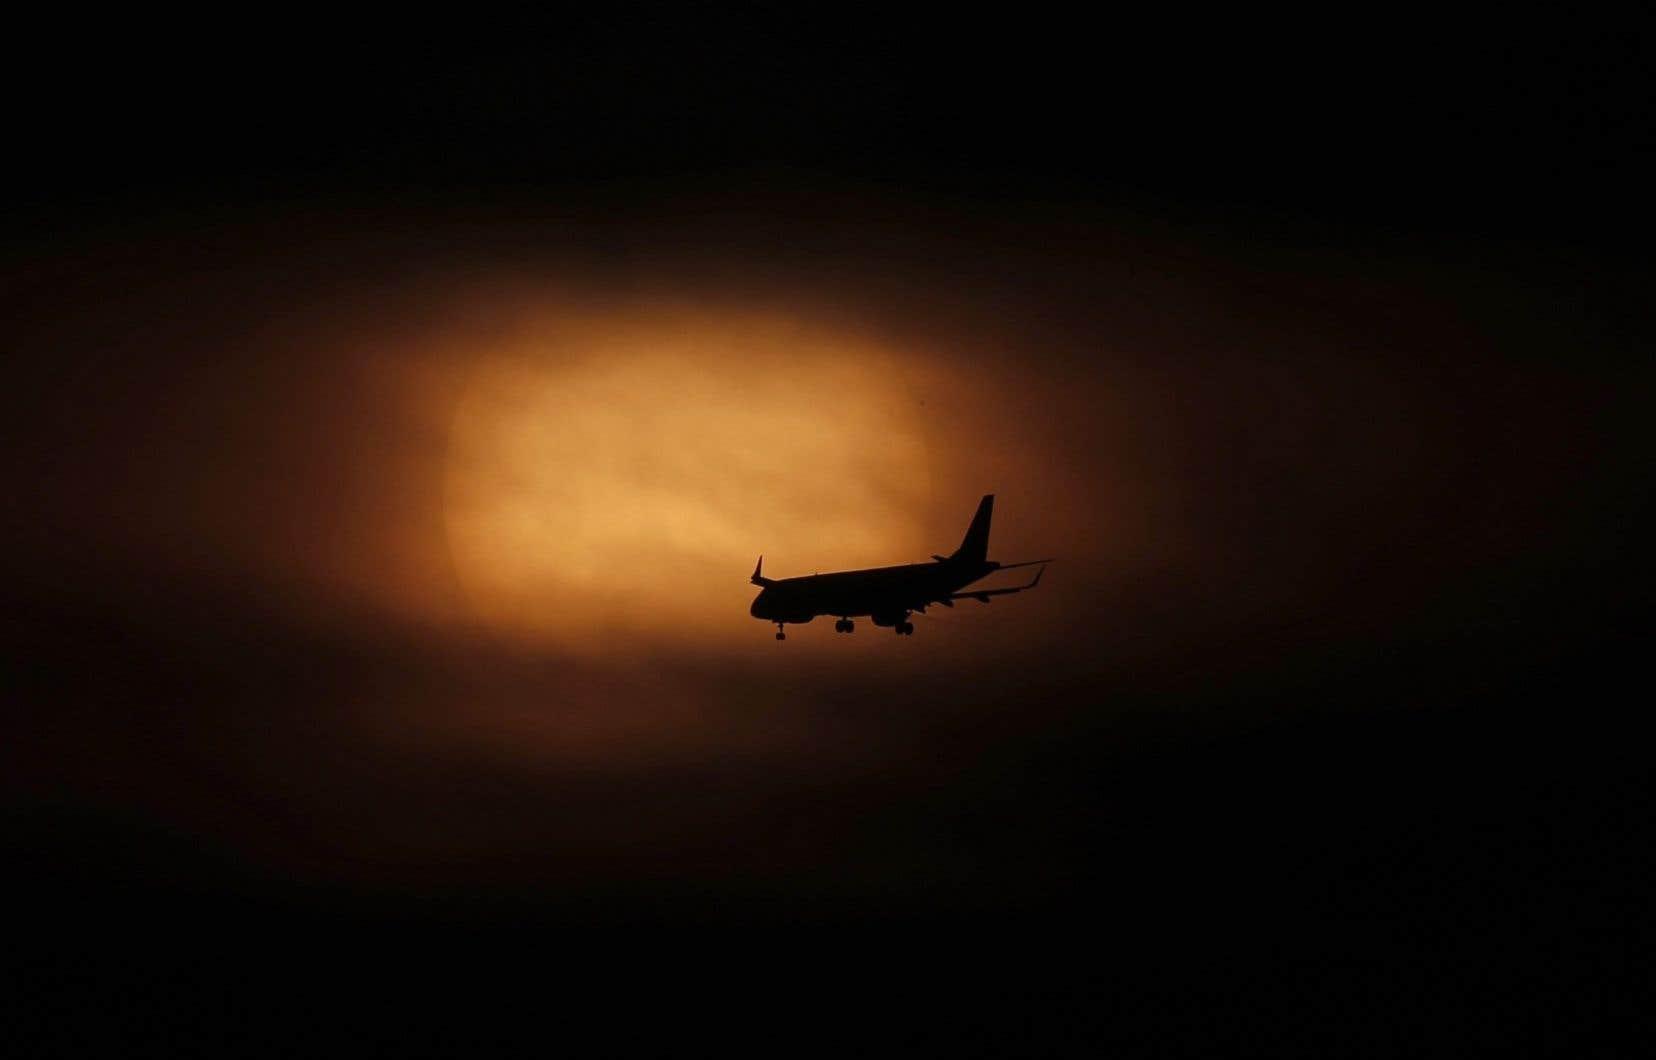 Beaucoup s'indignent envers ces voyageurs qui ont choisi de quitter le nid quelques jours, mais personne ne s'indigne lorsqu'Ottawa ne verse pas un sou au secteur aérien depuis 10 mois, déplore l'autrice.